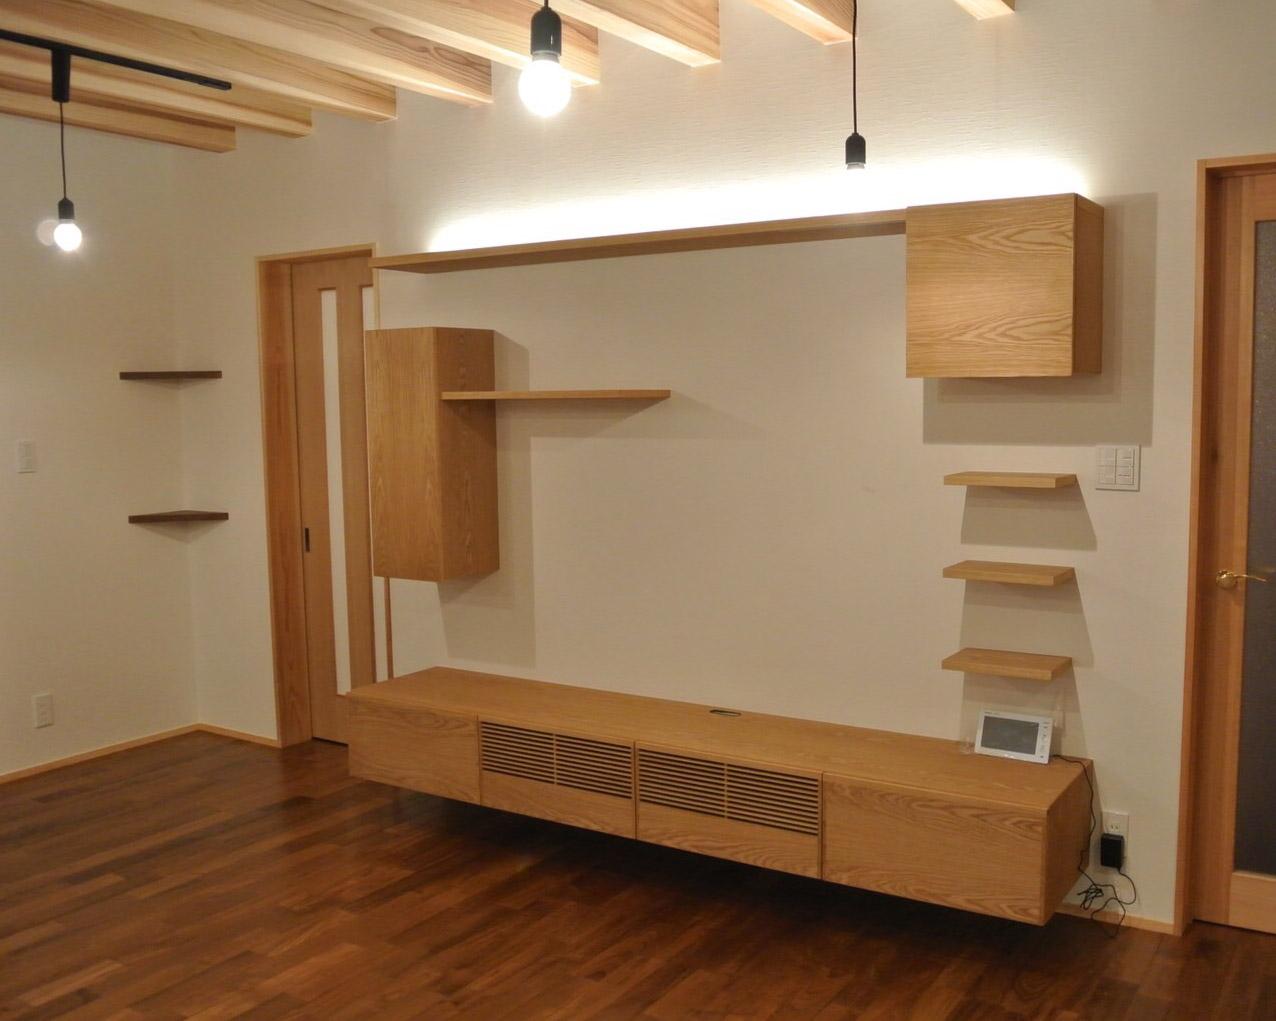 藤井家具製作所 作品事例